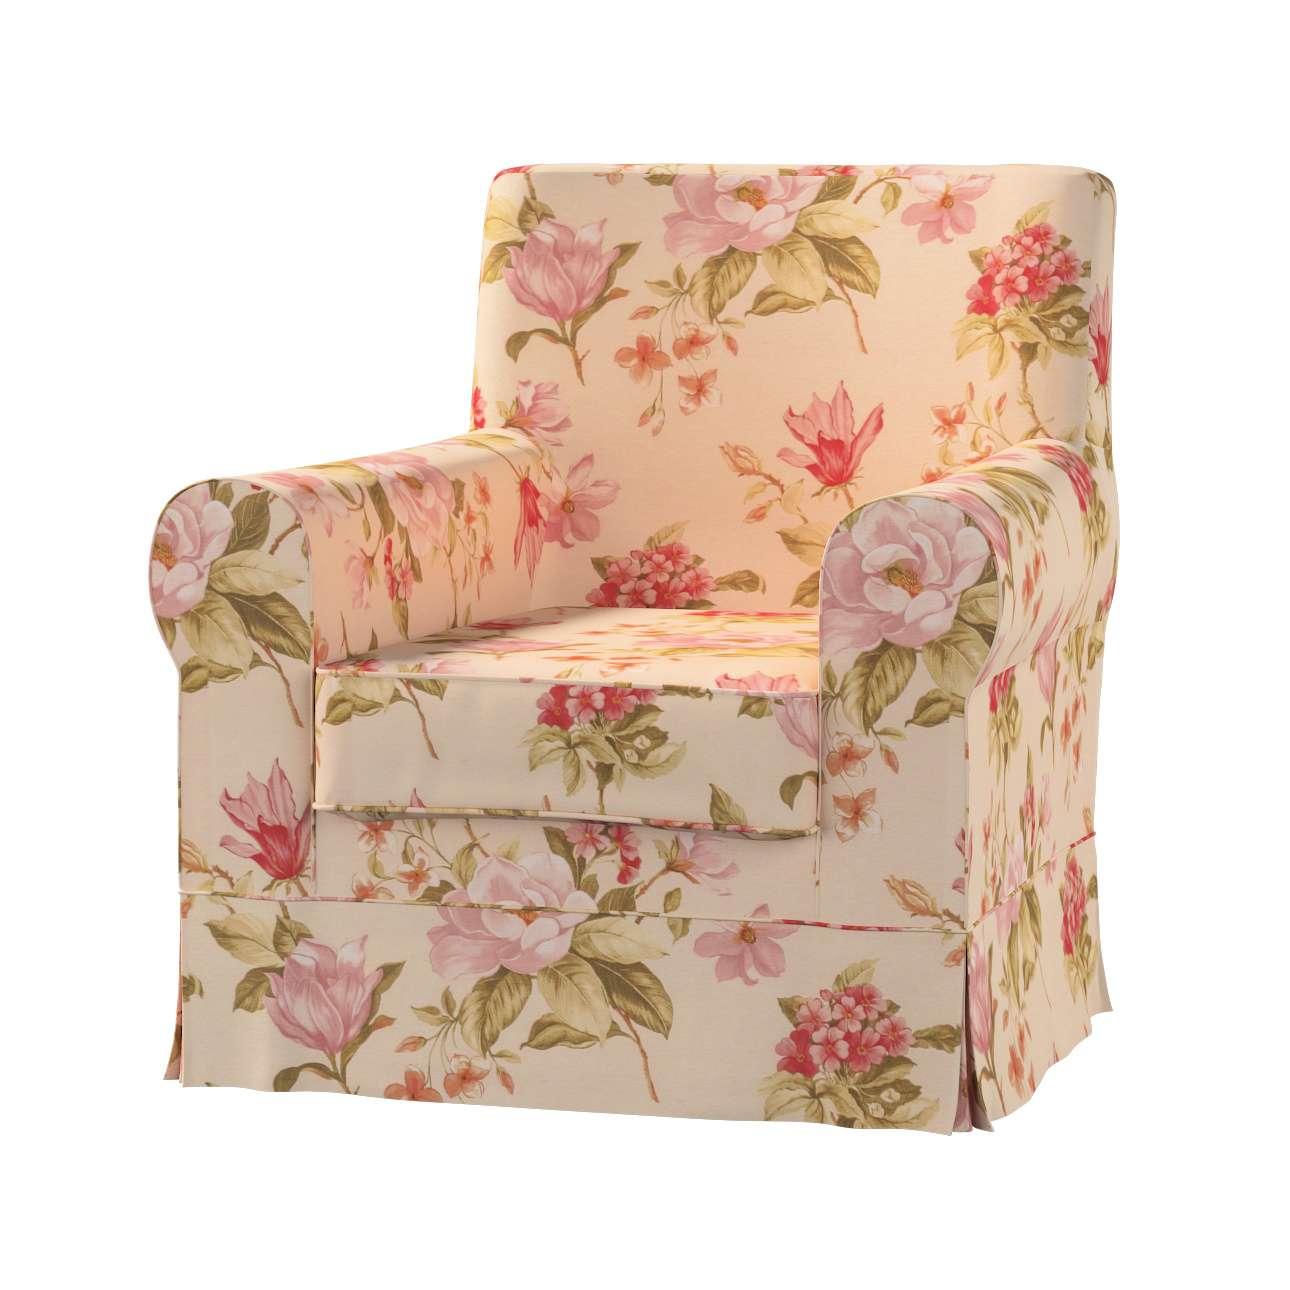 Pokrowiec na fotel Ektorp Jennylund Fotel Ektorp Jennylund w kolekcji Londres, tkanina: 123-05